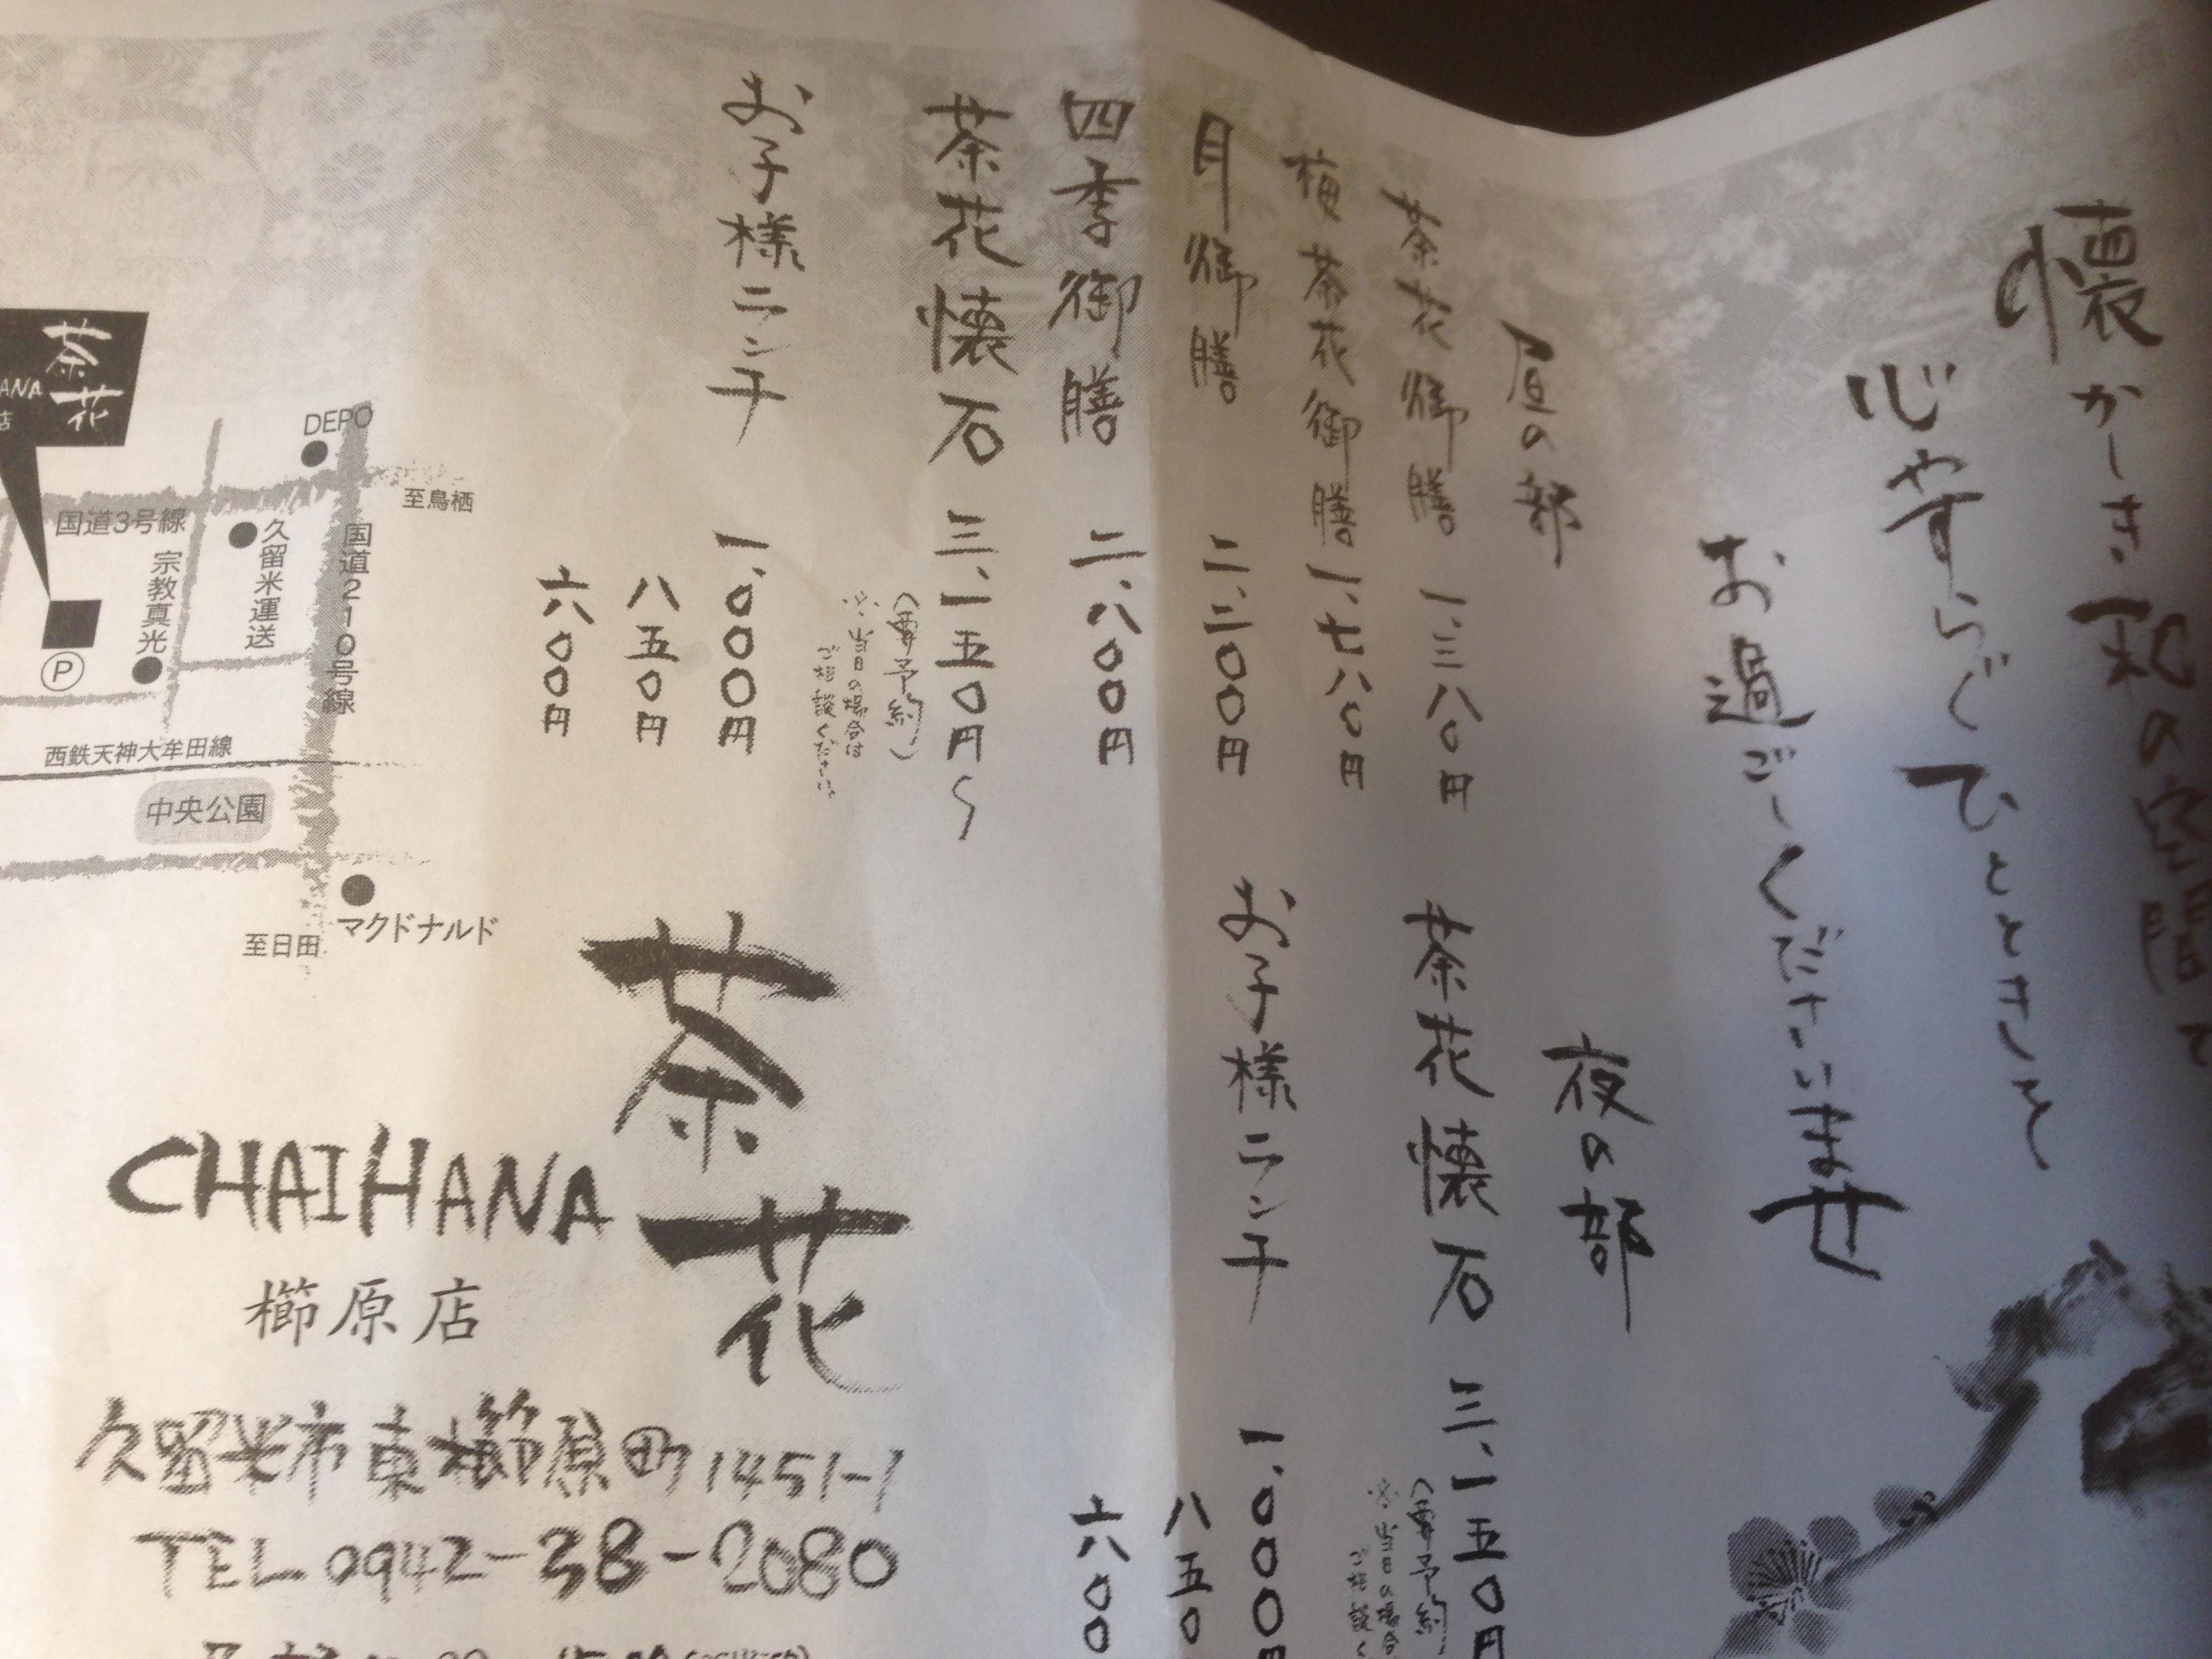 【茶花 久留米】でランチ1780円の梅茶花御膳はこんな感じでしたー